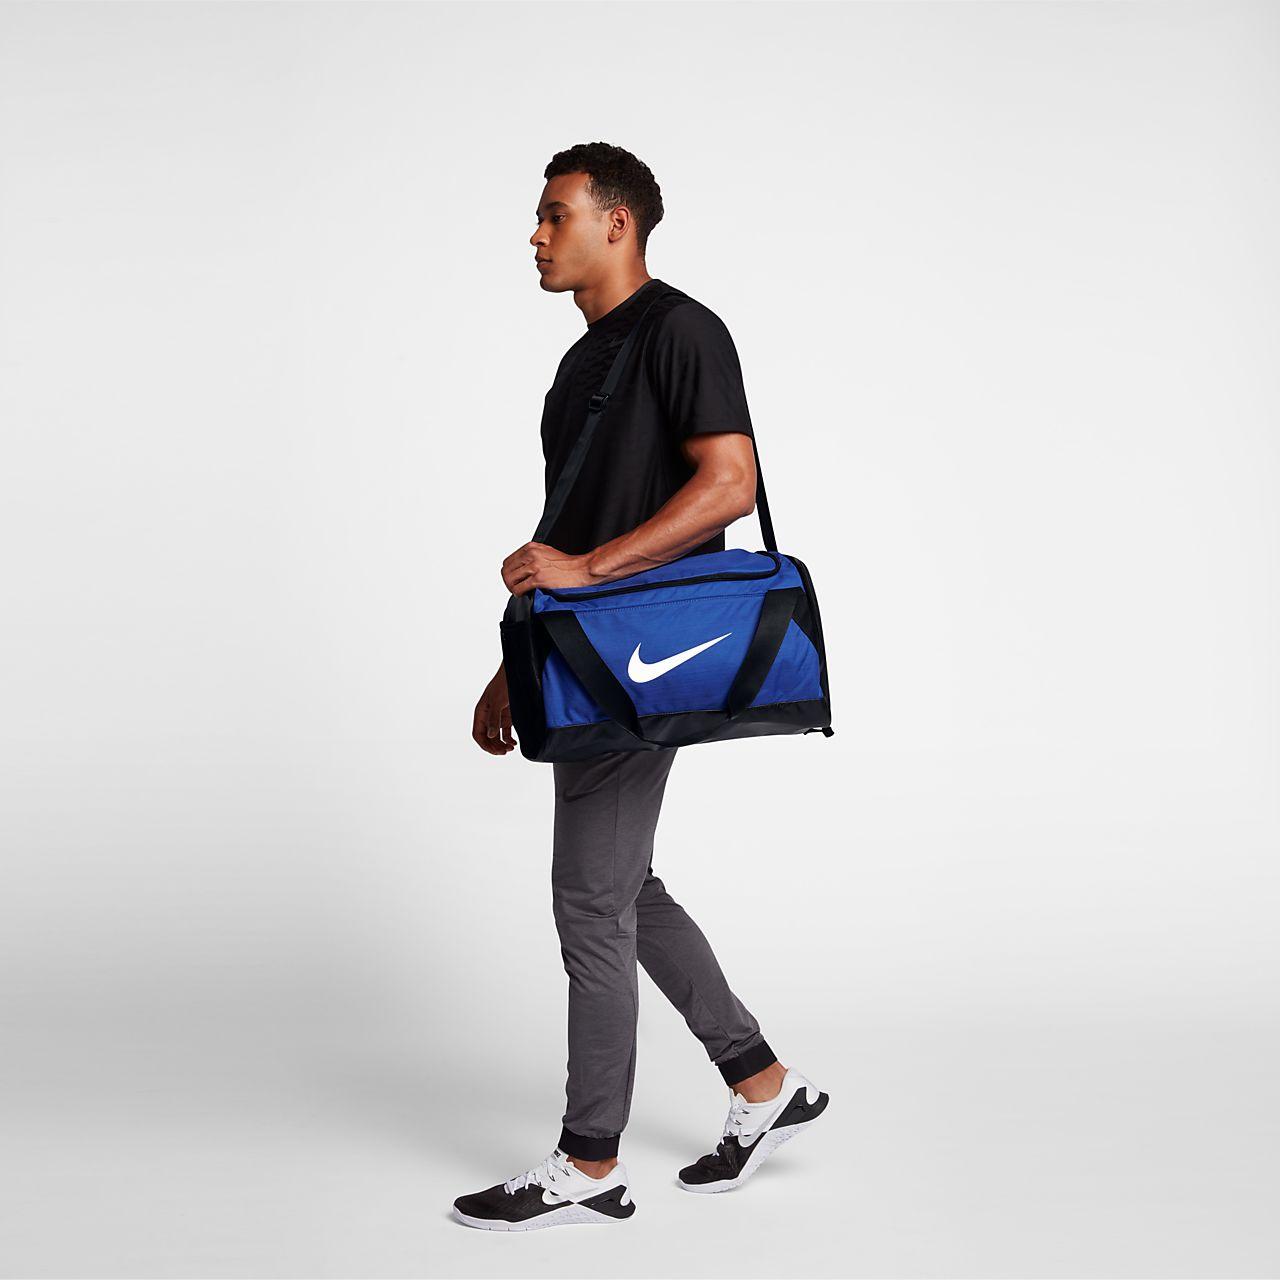 11701a552e Sac de sport de training Nike Brasilia (petite taille). Nike.com FR